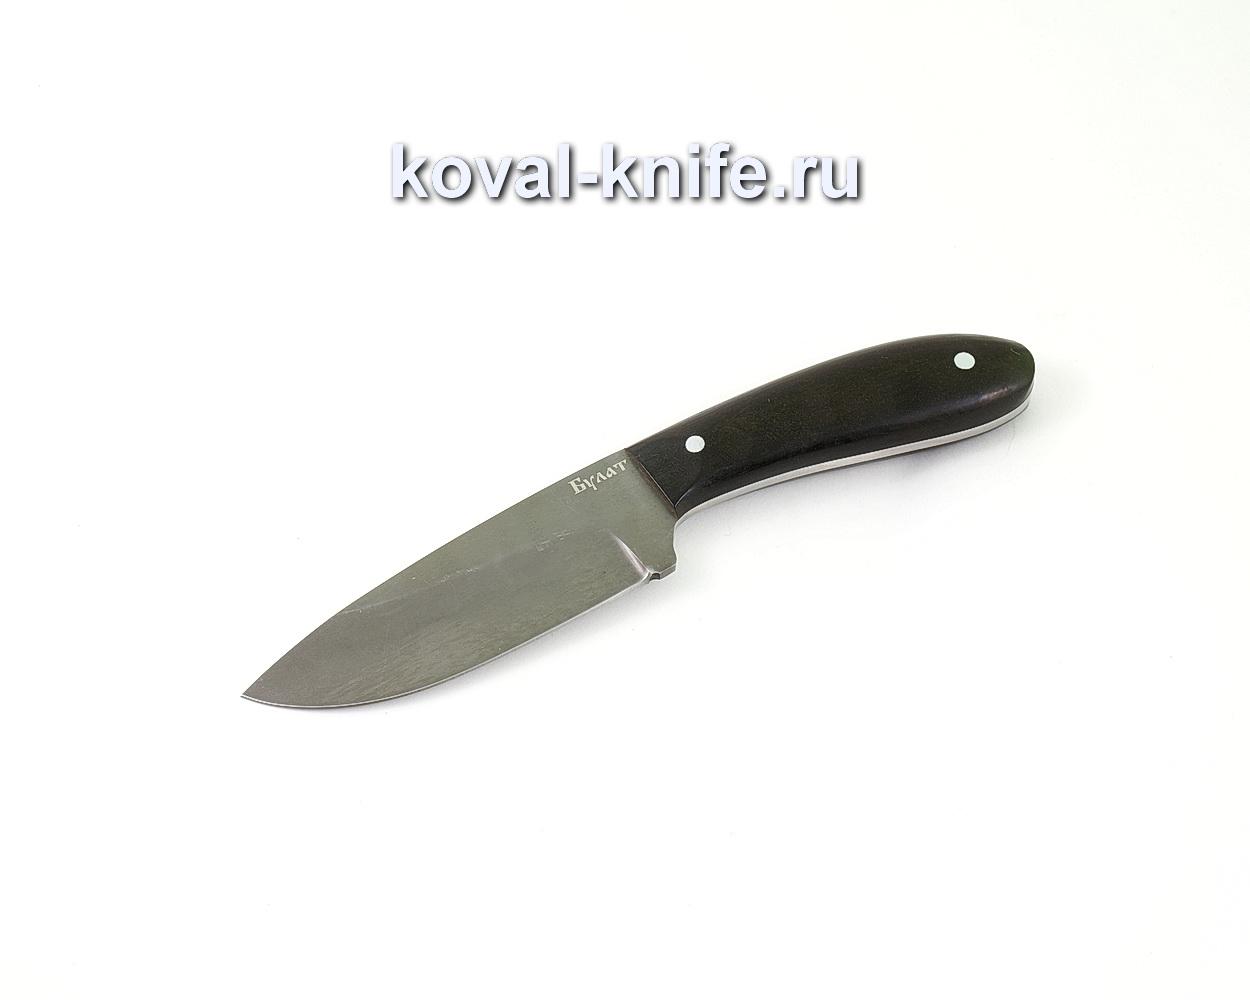 Нож из булатной стали Заяц (Легированный булат, рукоять граб) A461